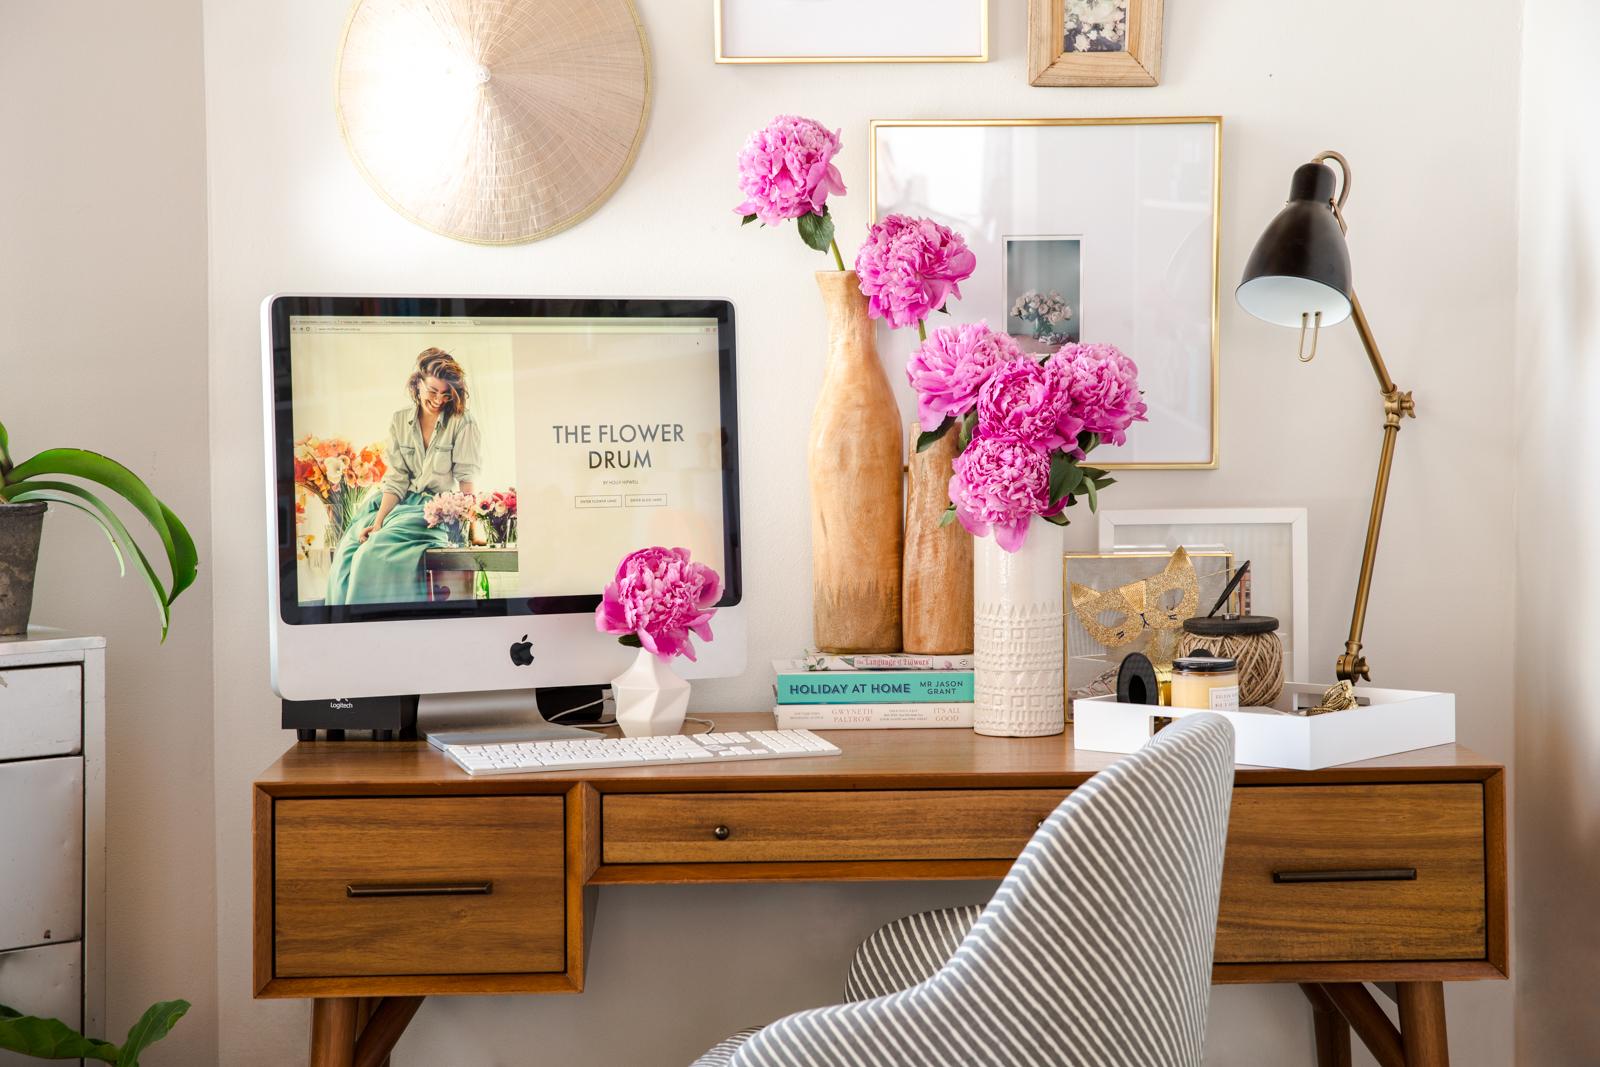 lovely home office living room | Uber lovely home office - Daily Dream Decor